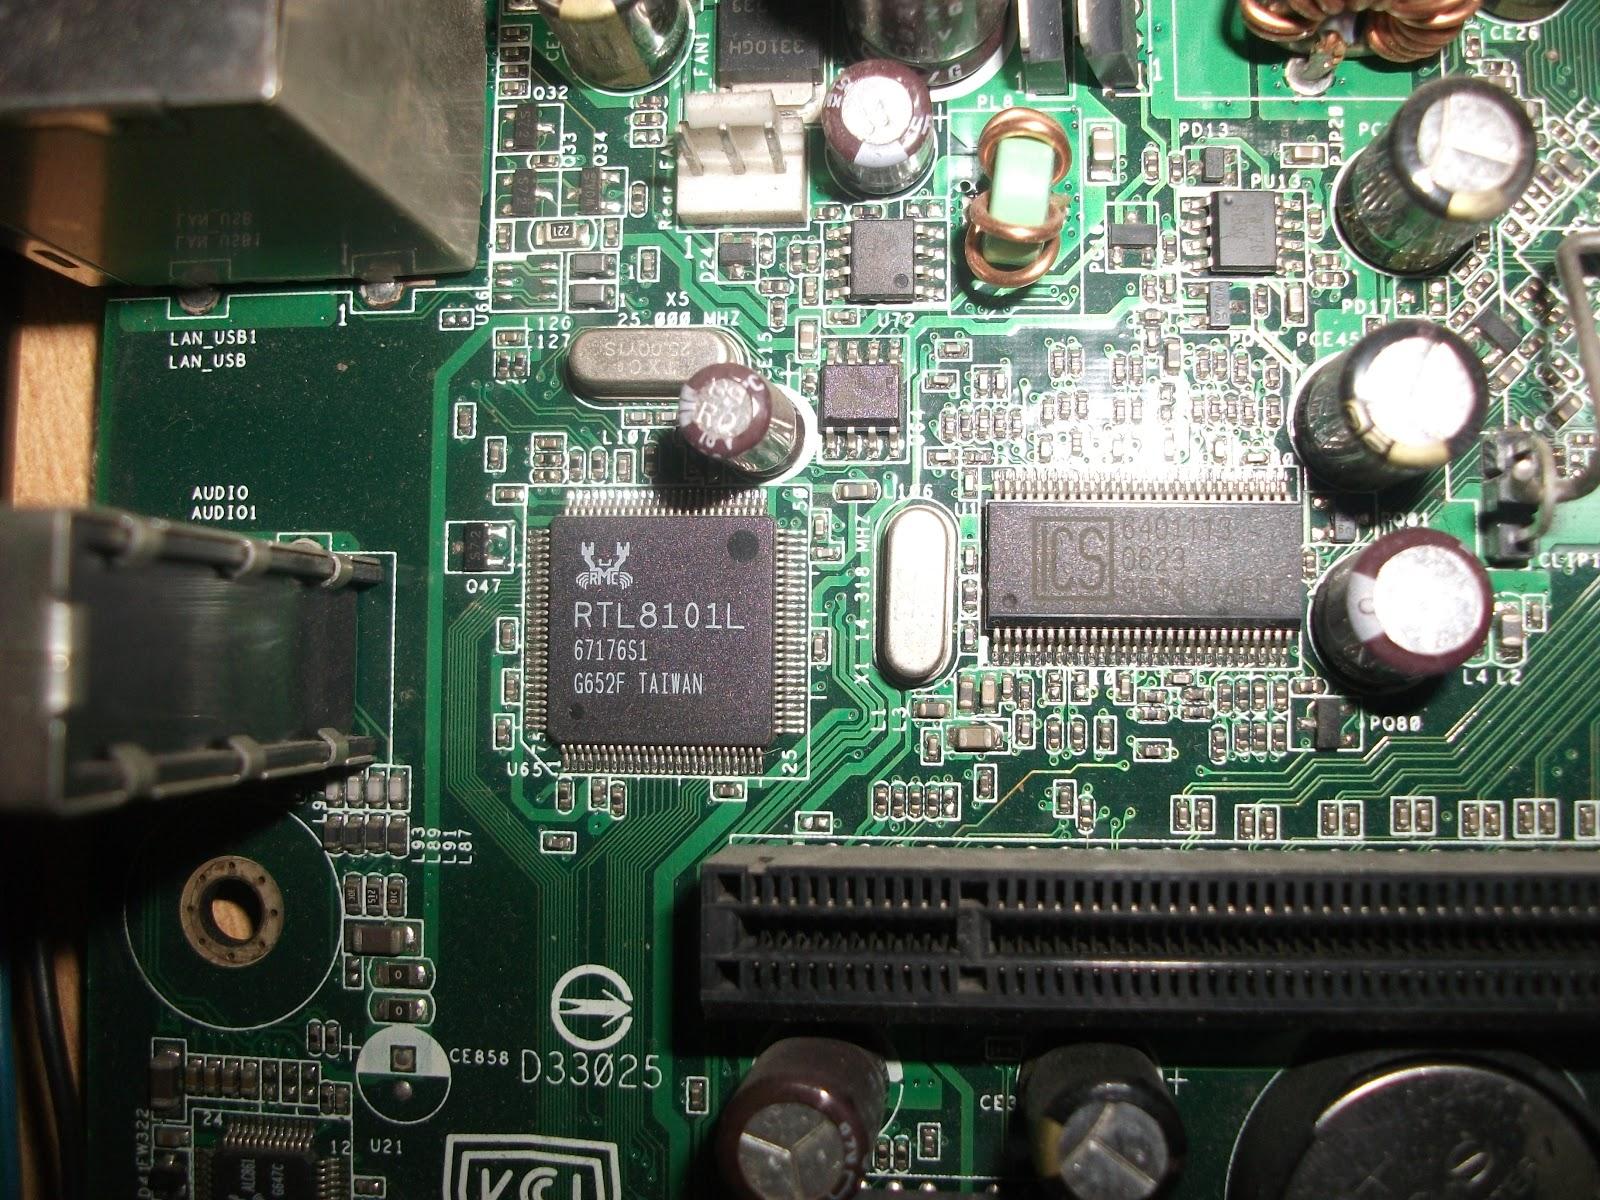 DSCF4410.JPG